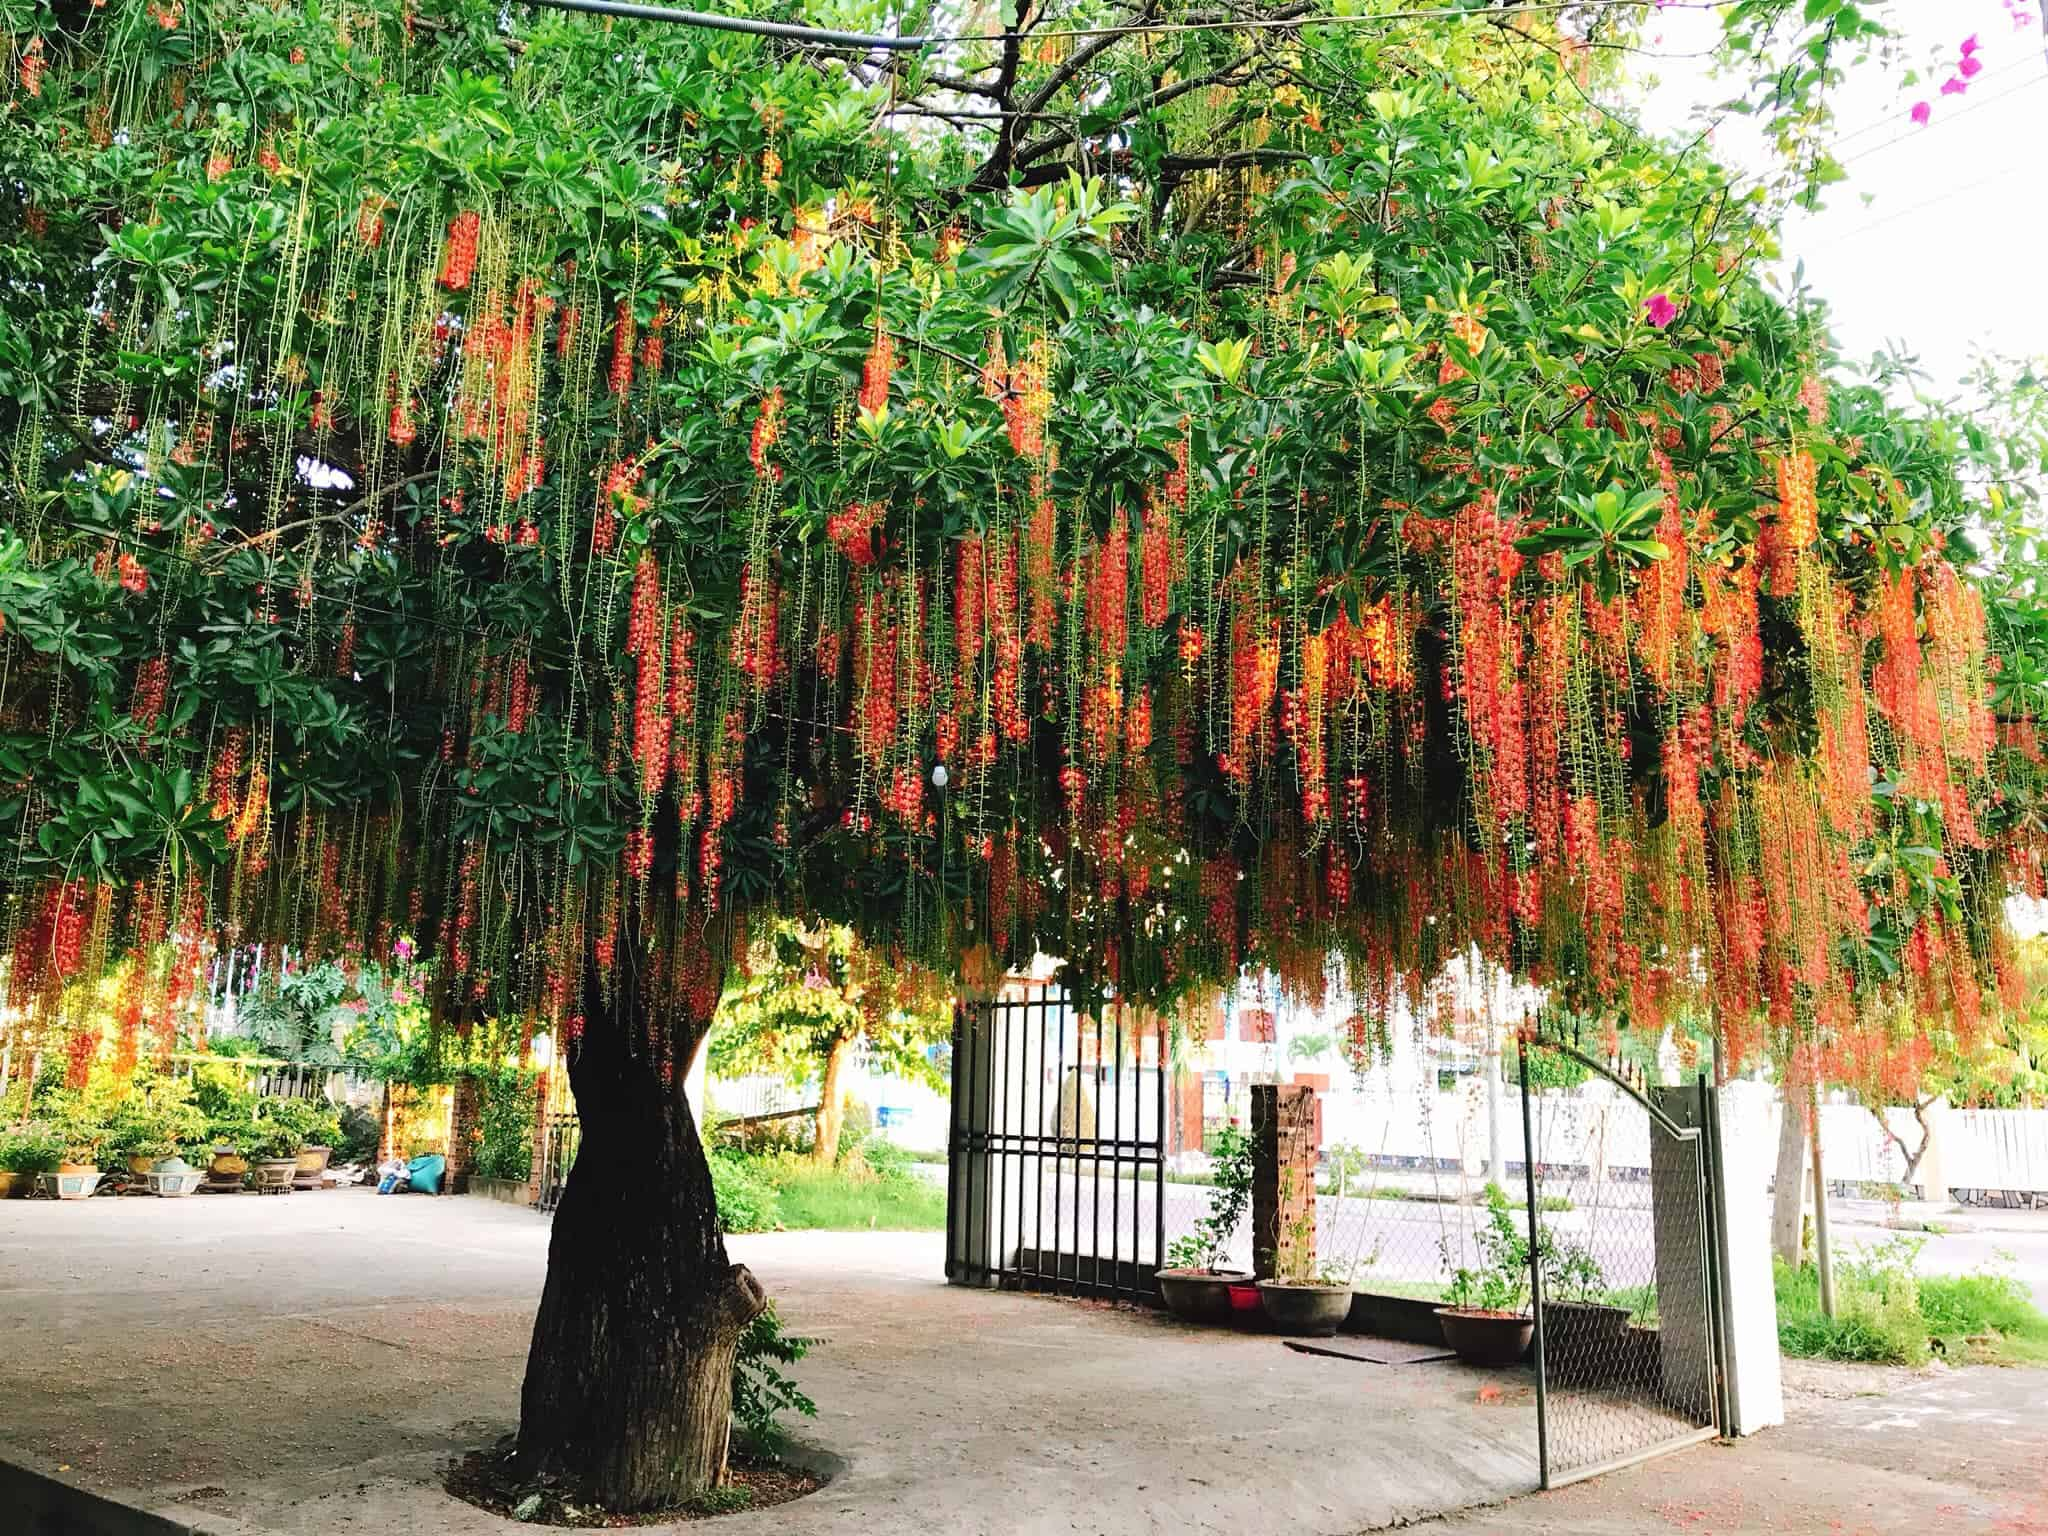 các loại cây xanh trồng trong công viên